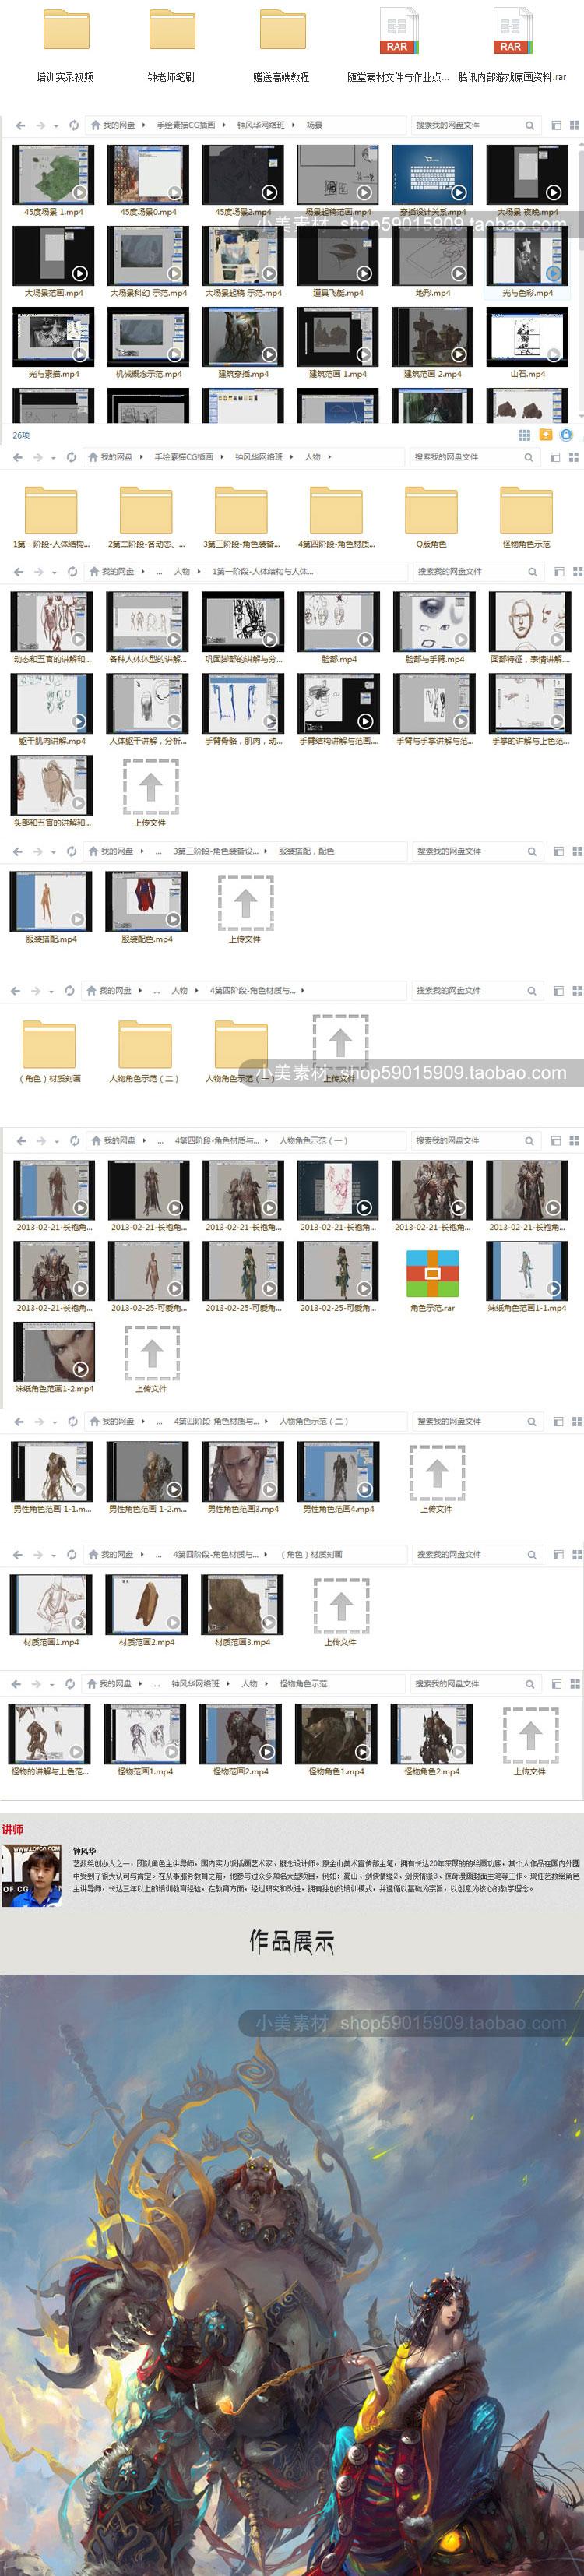 钟风华原画教程 网络班视频教程百度云下载 钟风华笔刷全套PSD